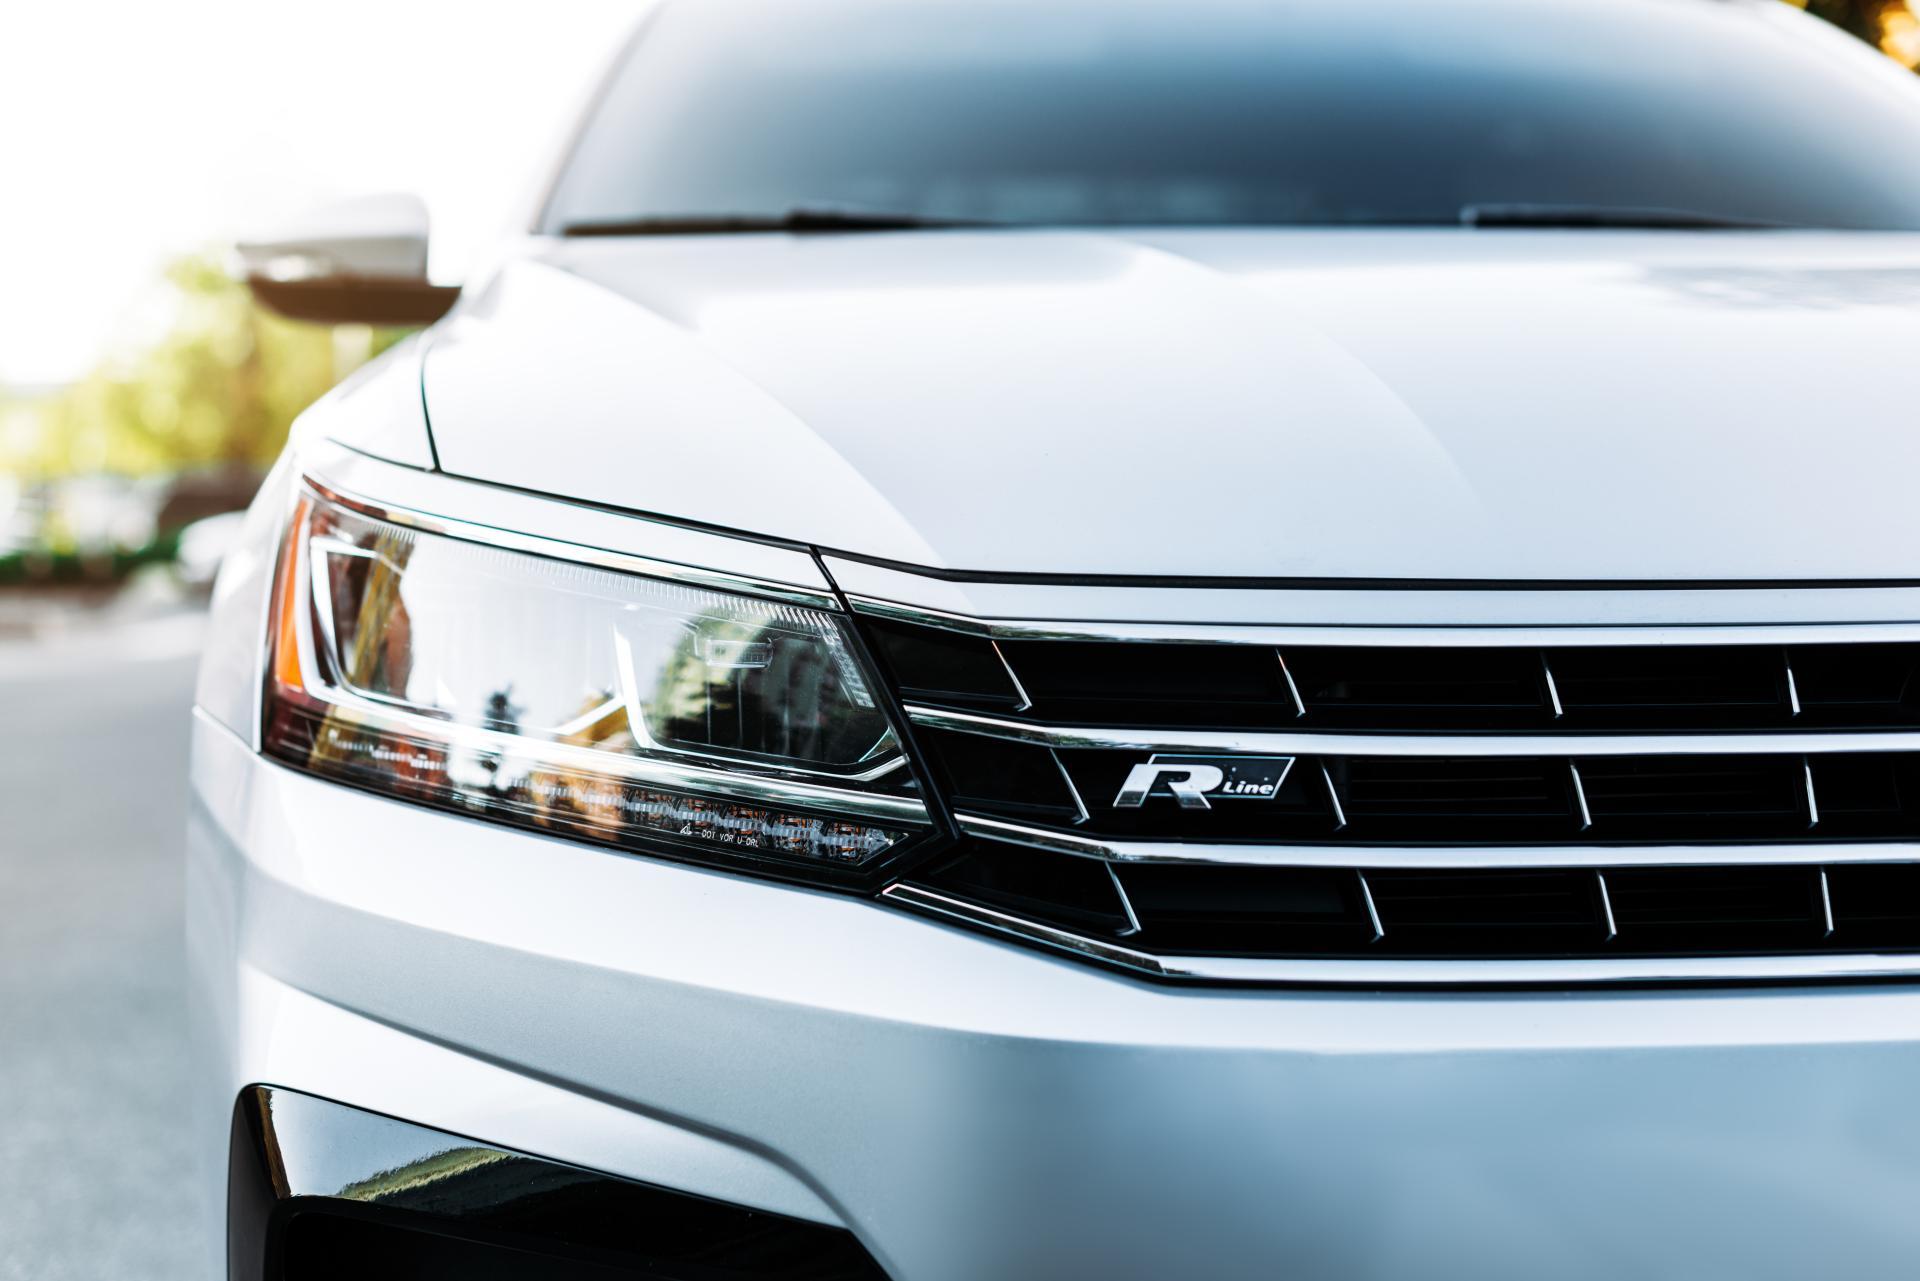 Volkswagen Passat soll ab 2023 auch als Elektroauto erhältlich sein